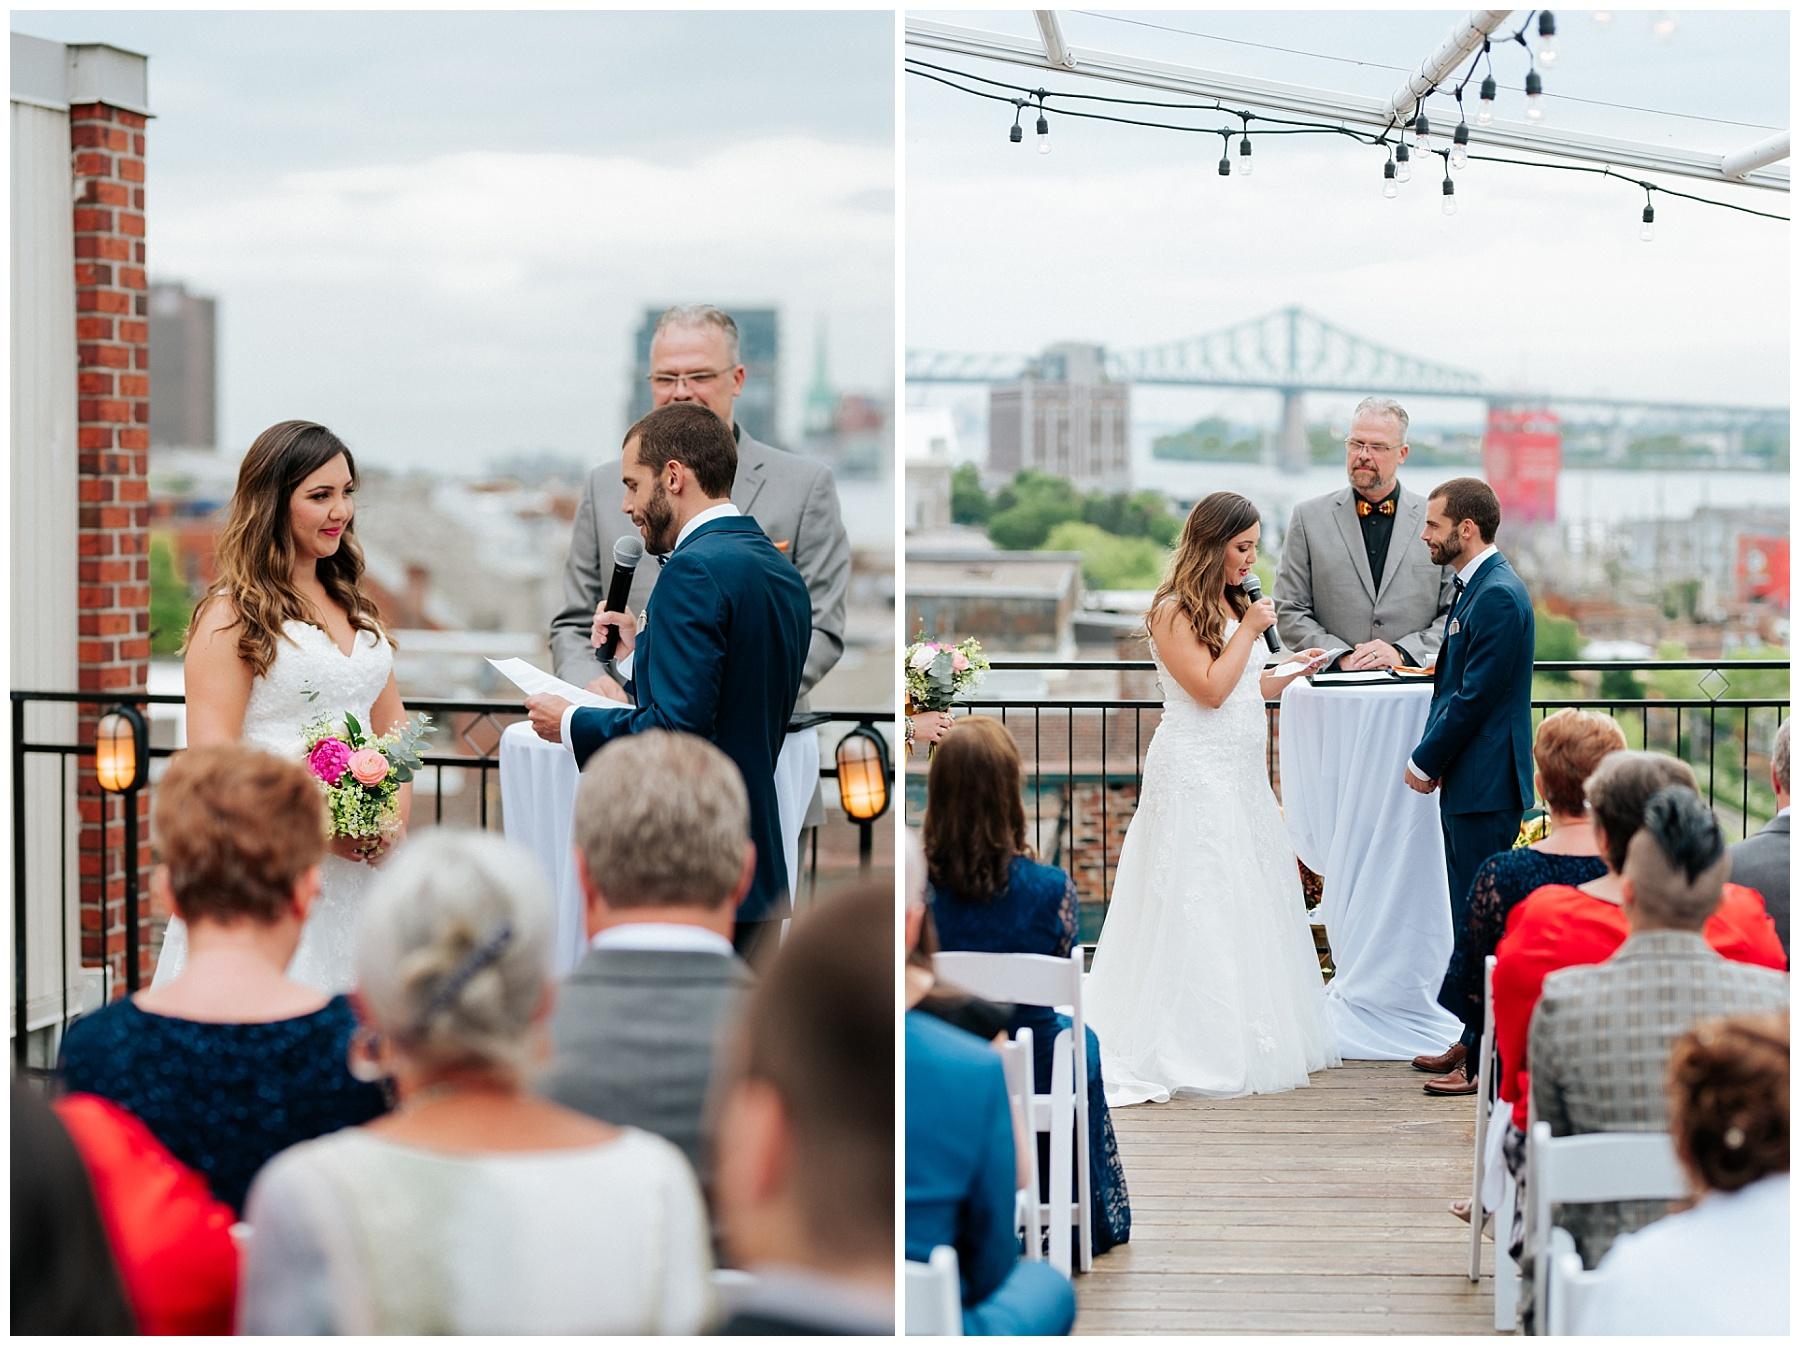 Les nouveaux mariés se lisent leurs voeux de mariage devant leurs invités lors de la cérémonie de mariage sur le toit de l'Auberge du Vieux-Port.